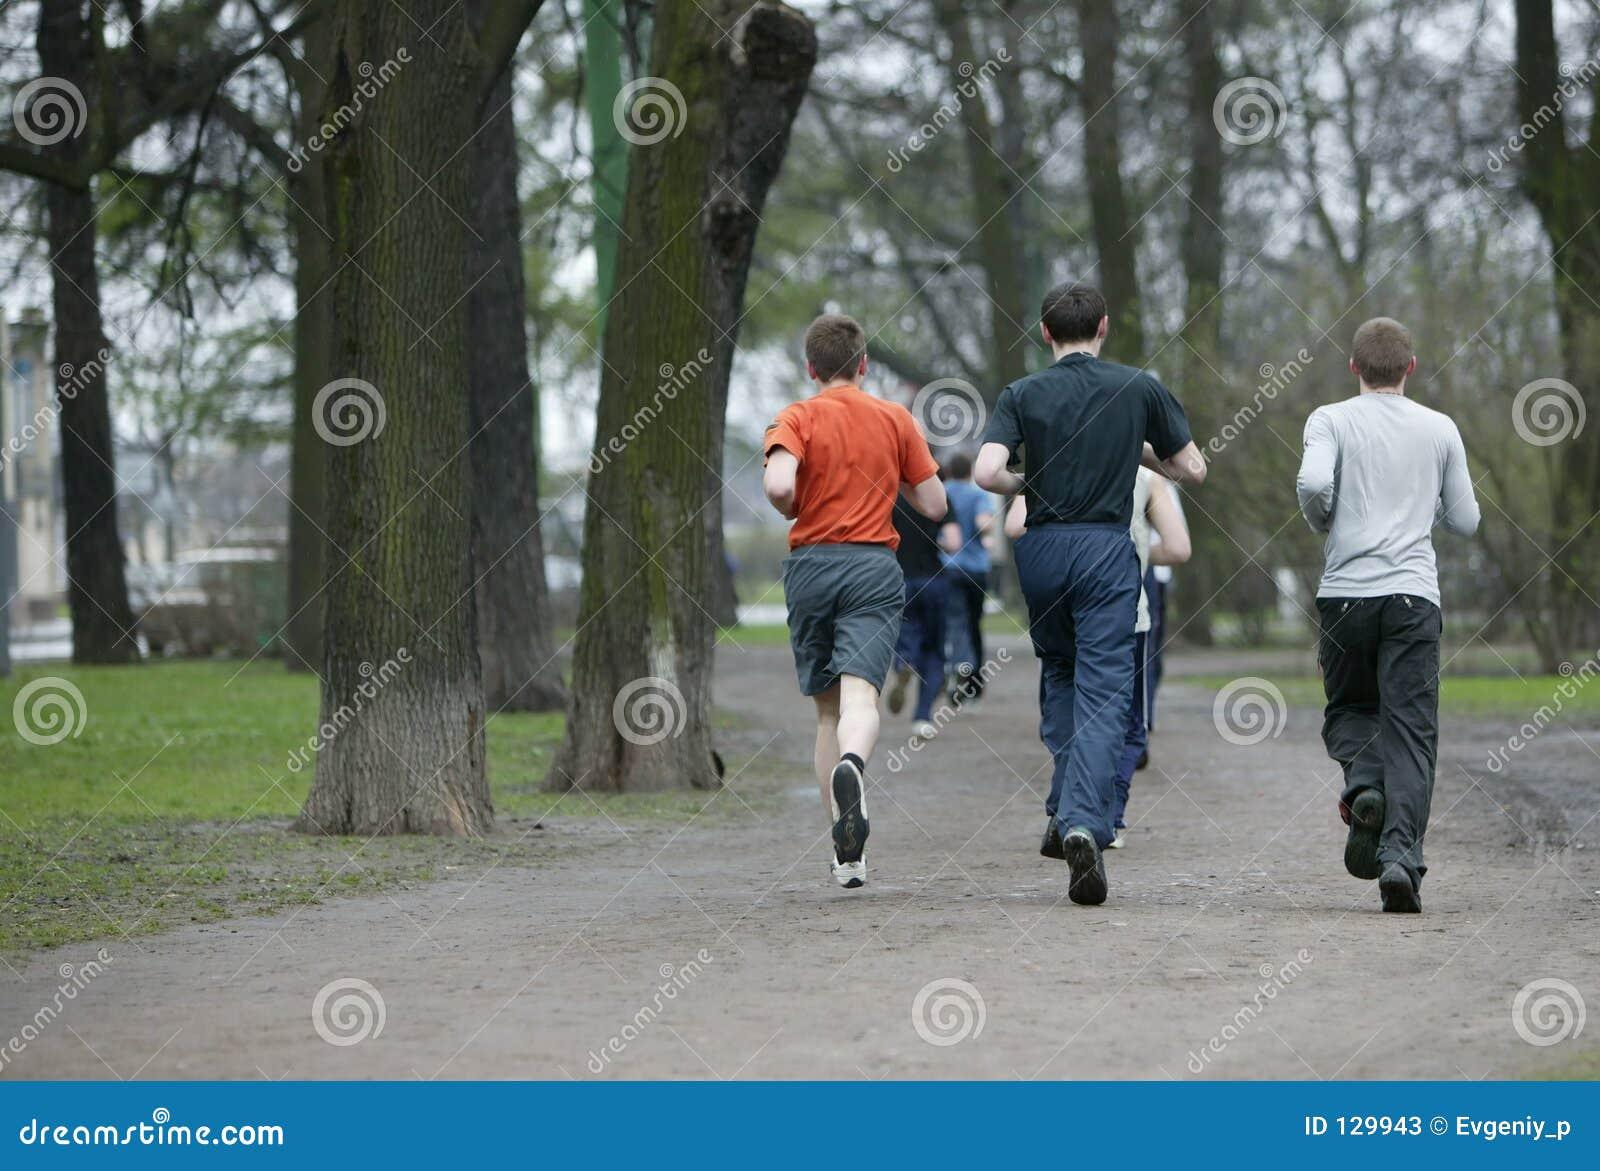 1 run